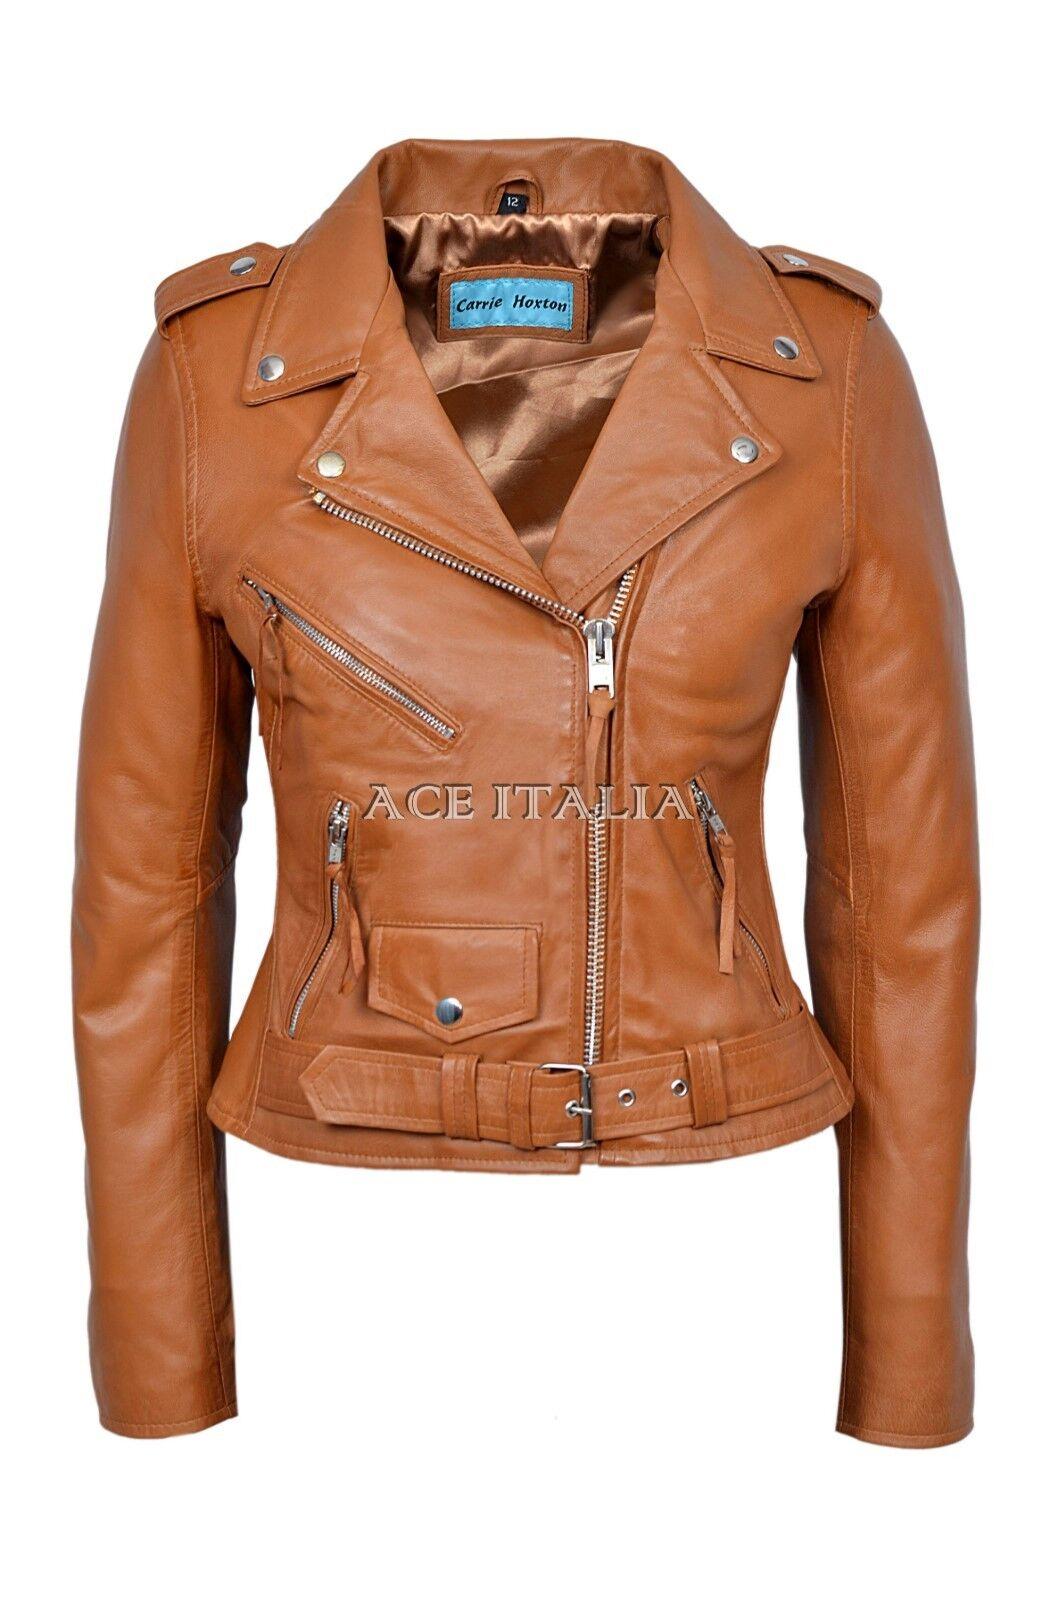 Clásico Estilo Motociclista BRANDO Damas Bronceado Motocicleta Crucero Piel de  cordero cuero chaqueta  buen precio